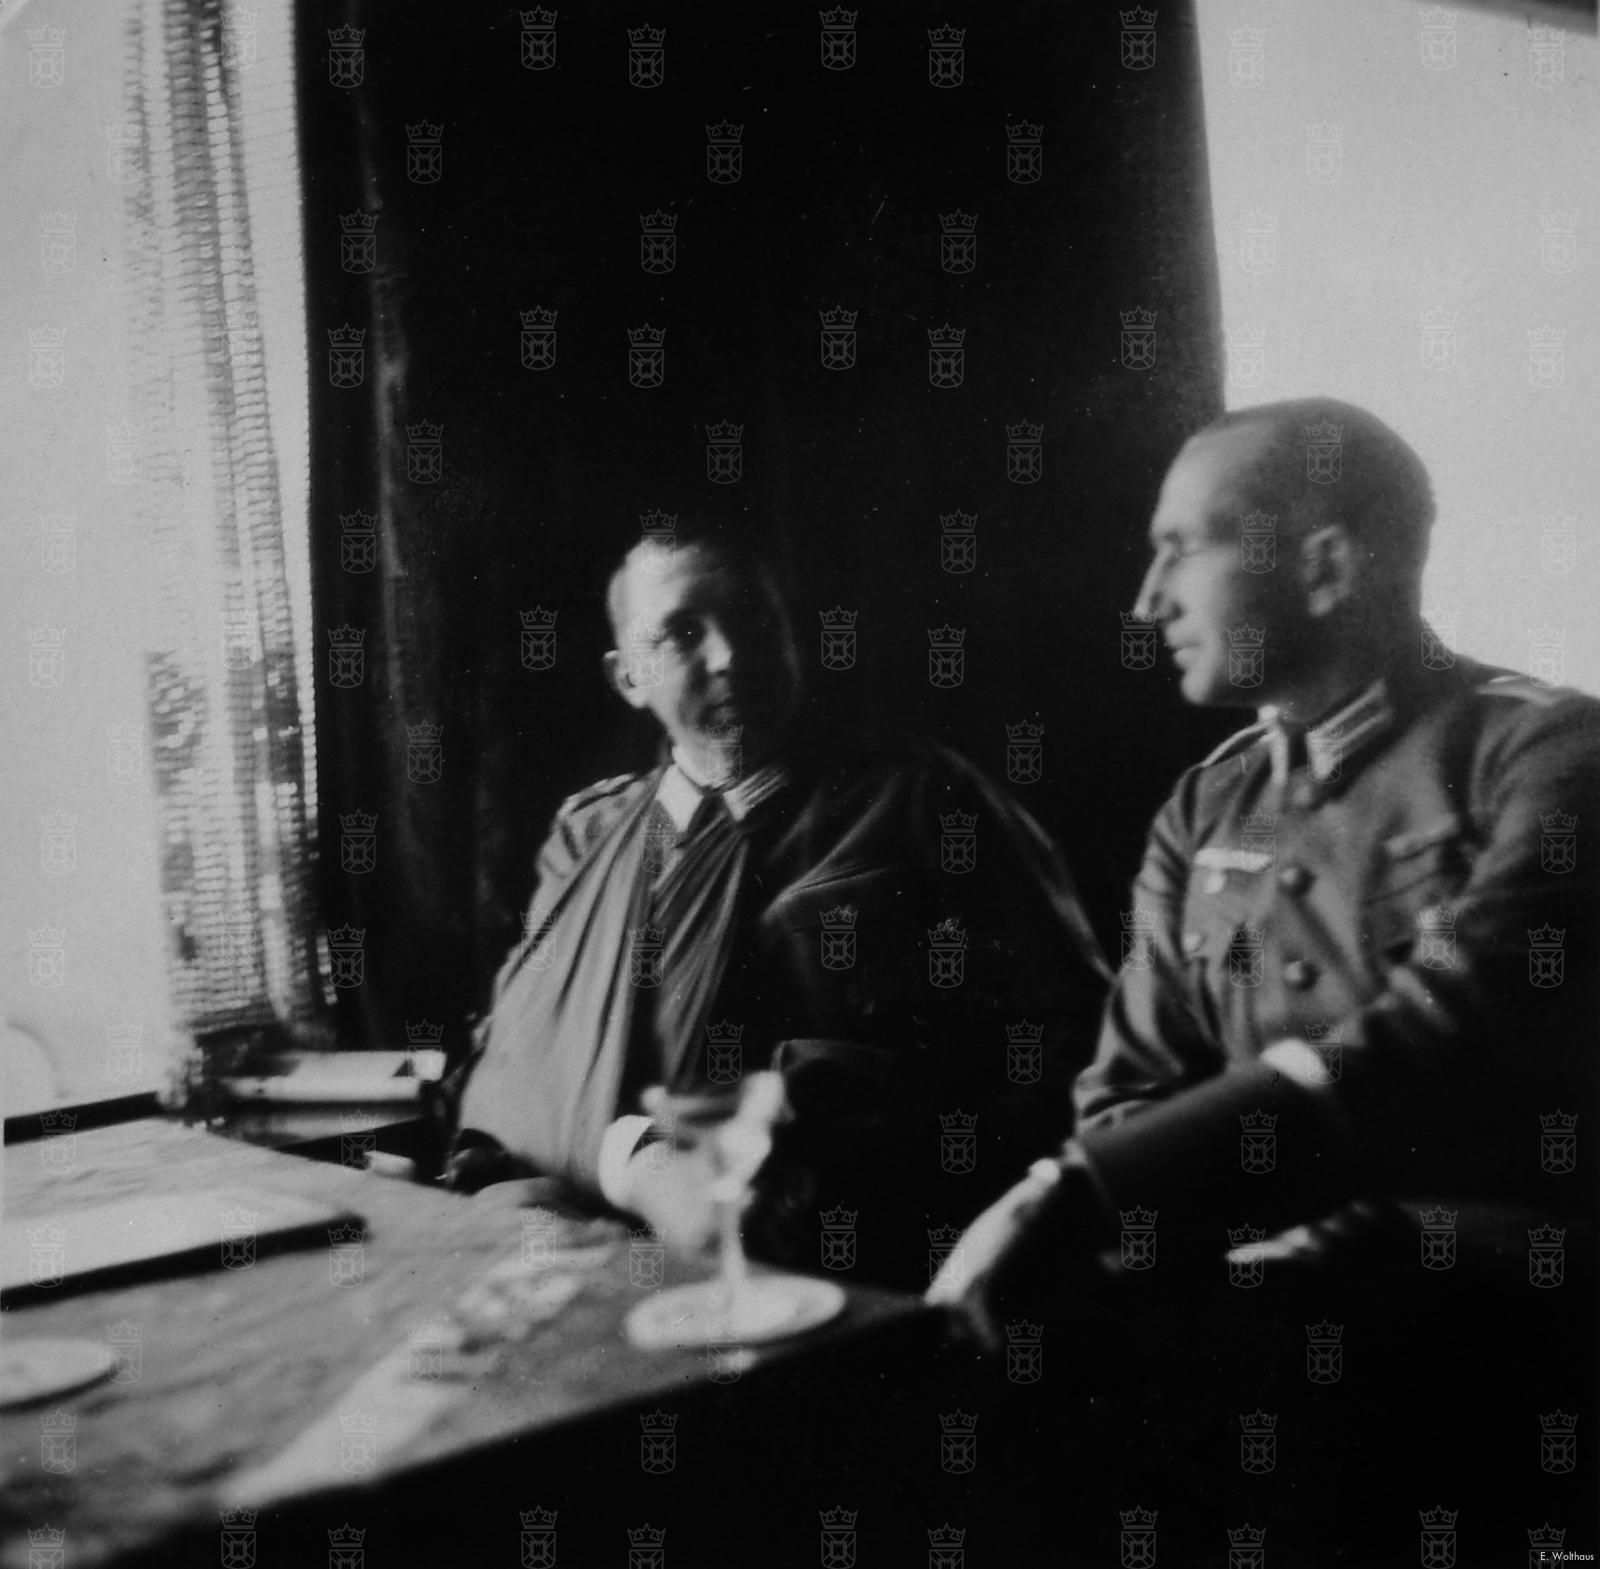 Oberst Kurt Heyser, hier links afgebeeld met één van zijn officieren in Hotel Restaurant de Zwaan aan de Katwijkse boulevard.